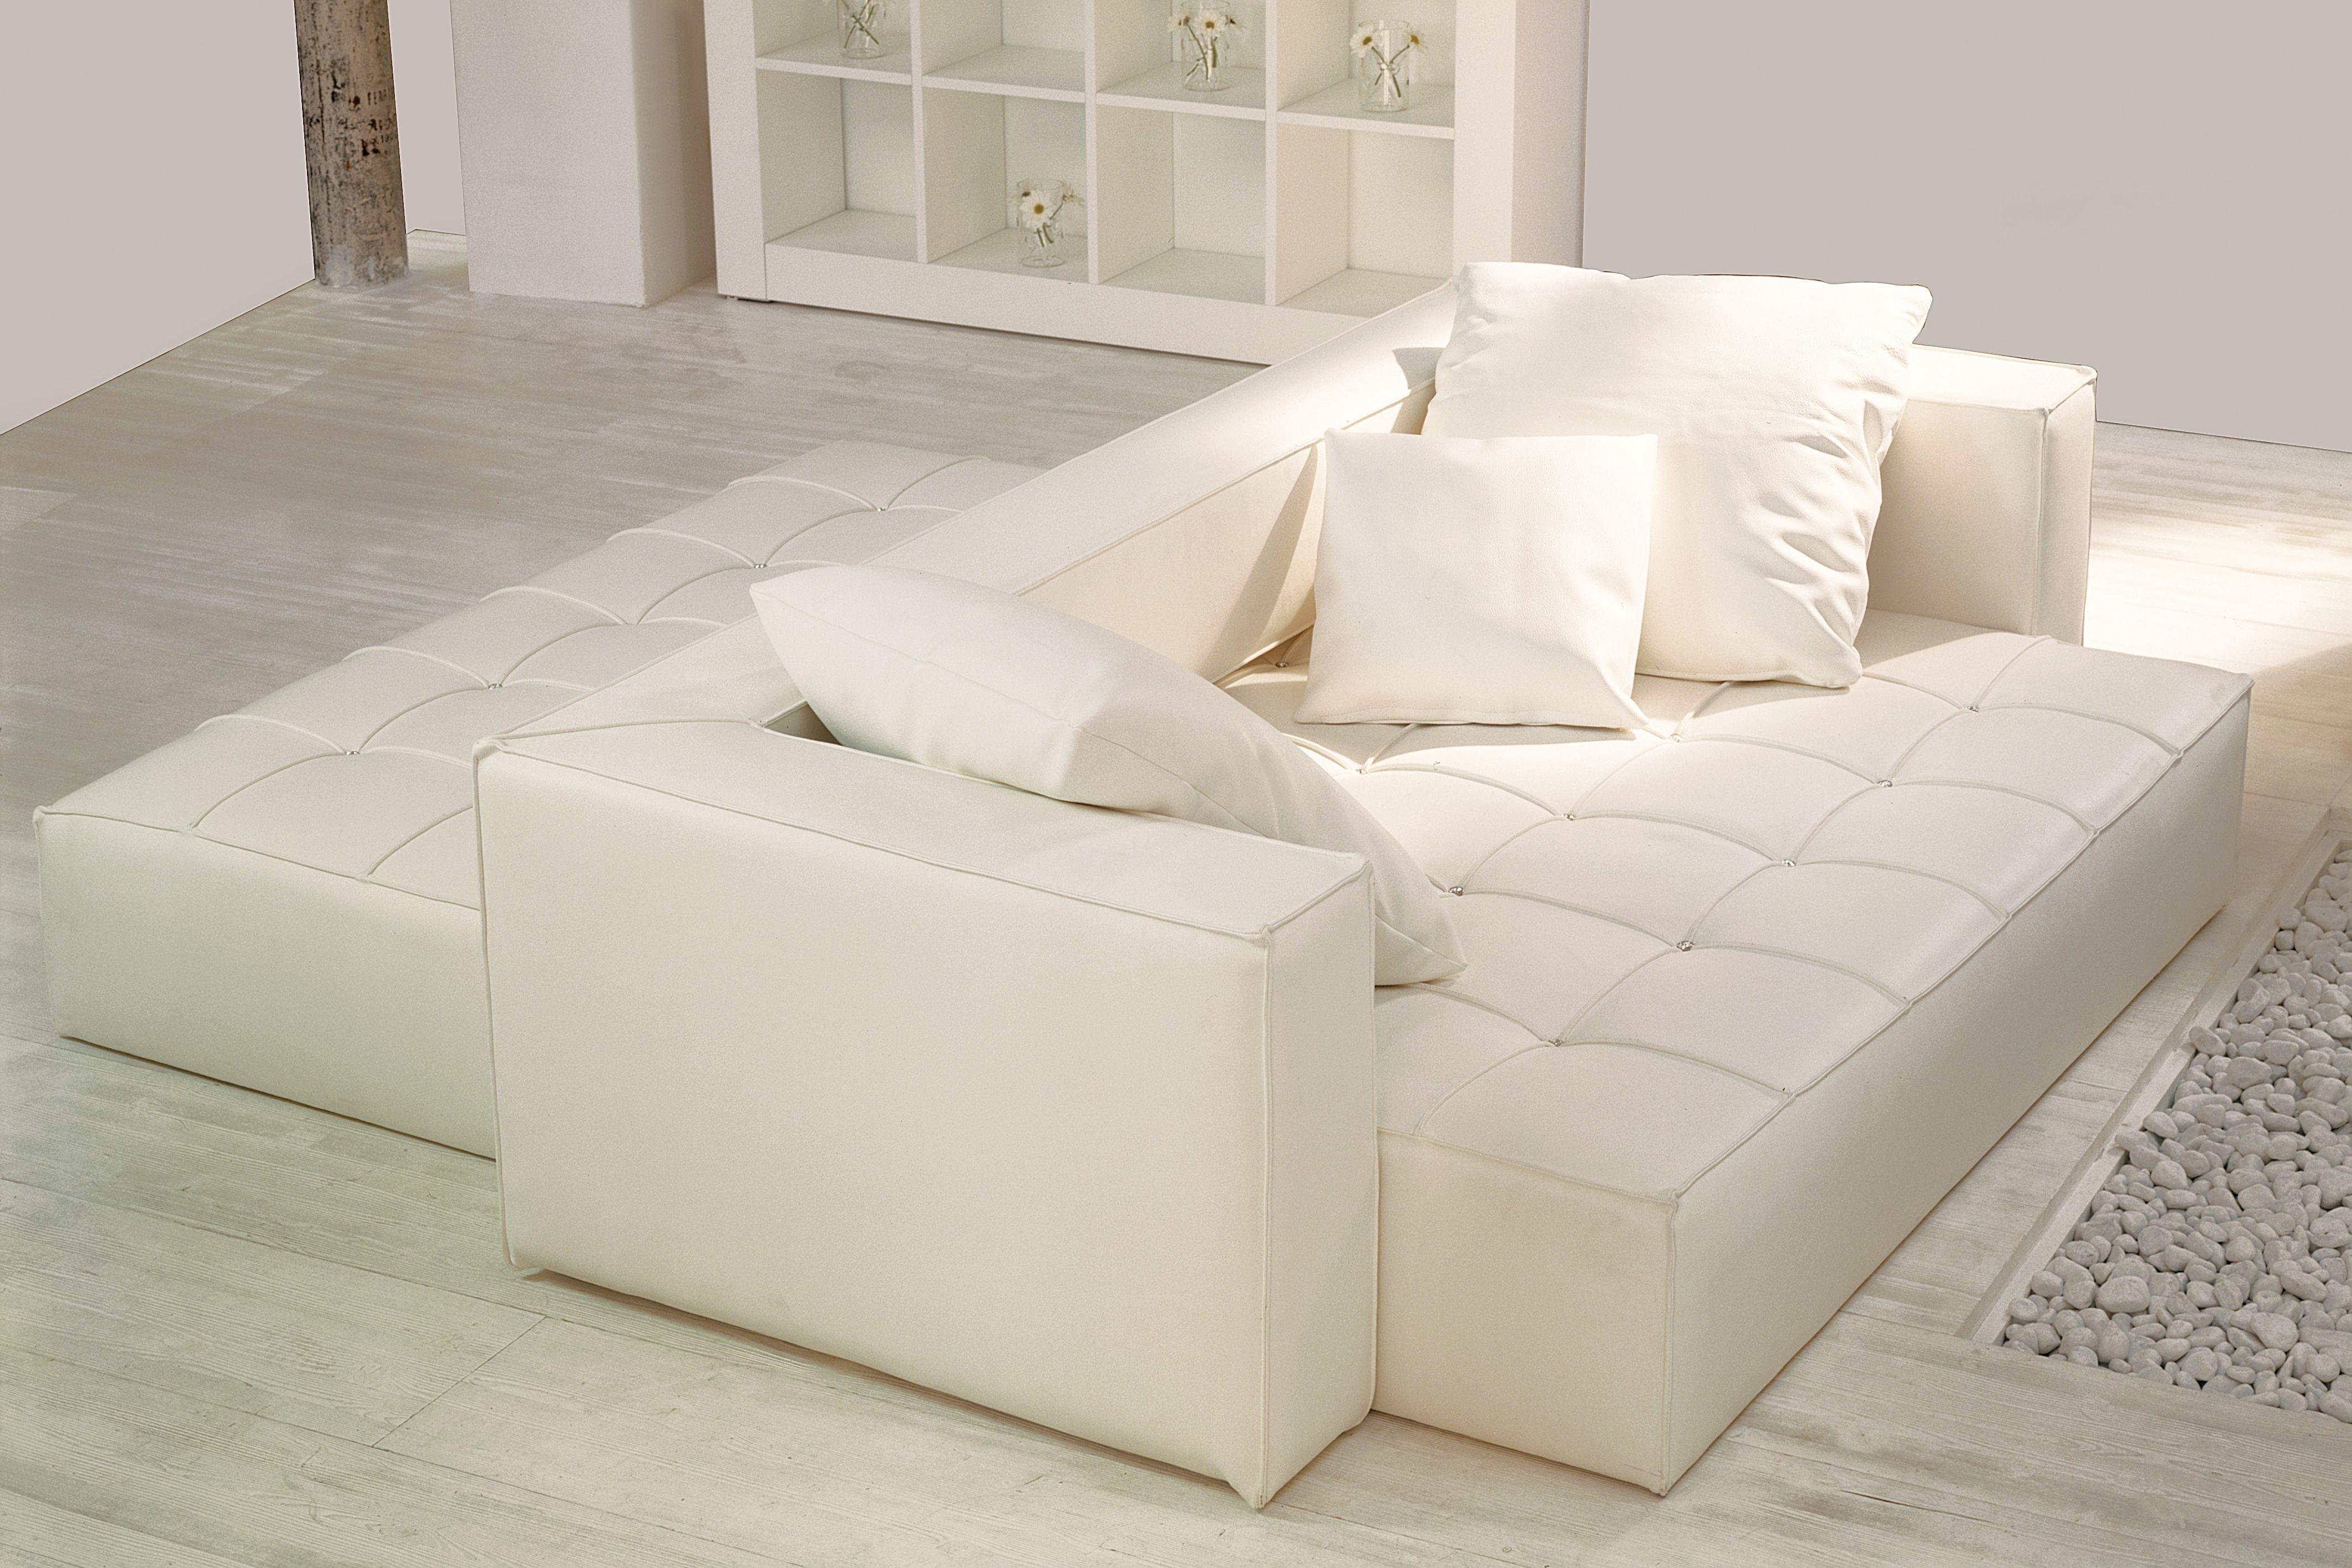 Divano passante in pelle bianca bifacciale Seduta scorrevole e regolabile per garantire il massimo